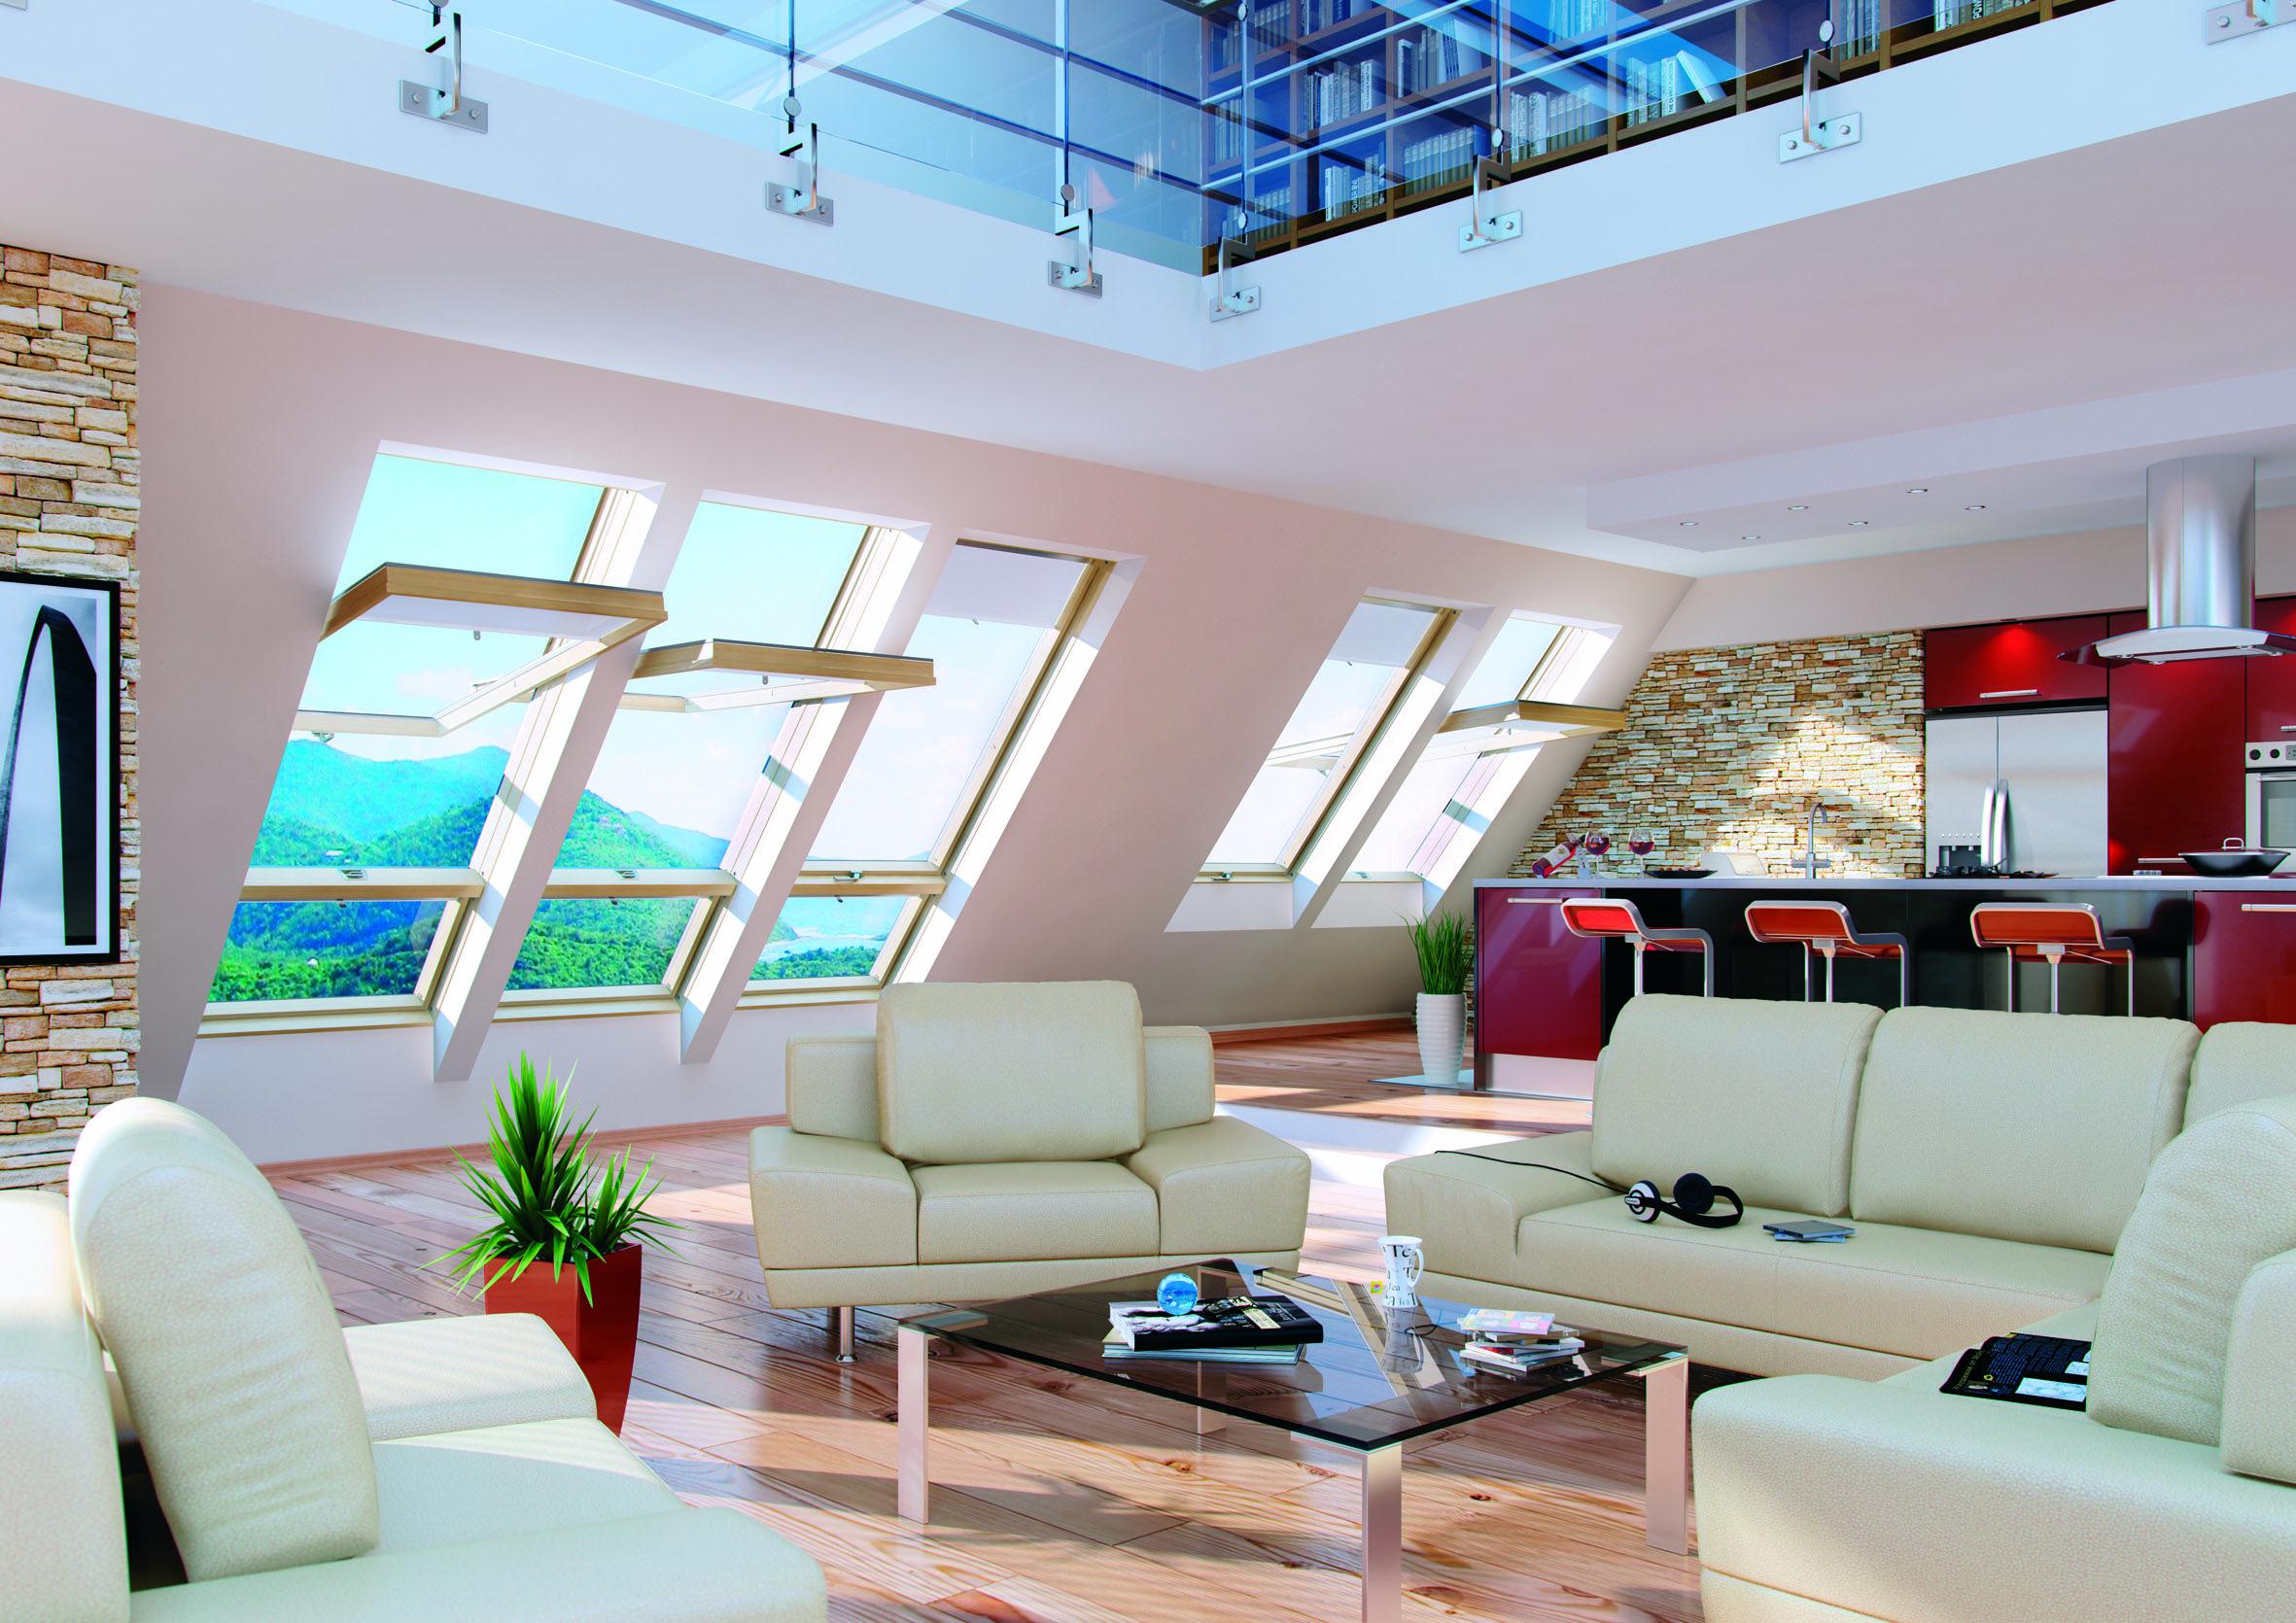 Home interior design windows luce è vita living kitchen windows light home attic